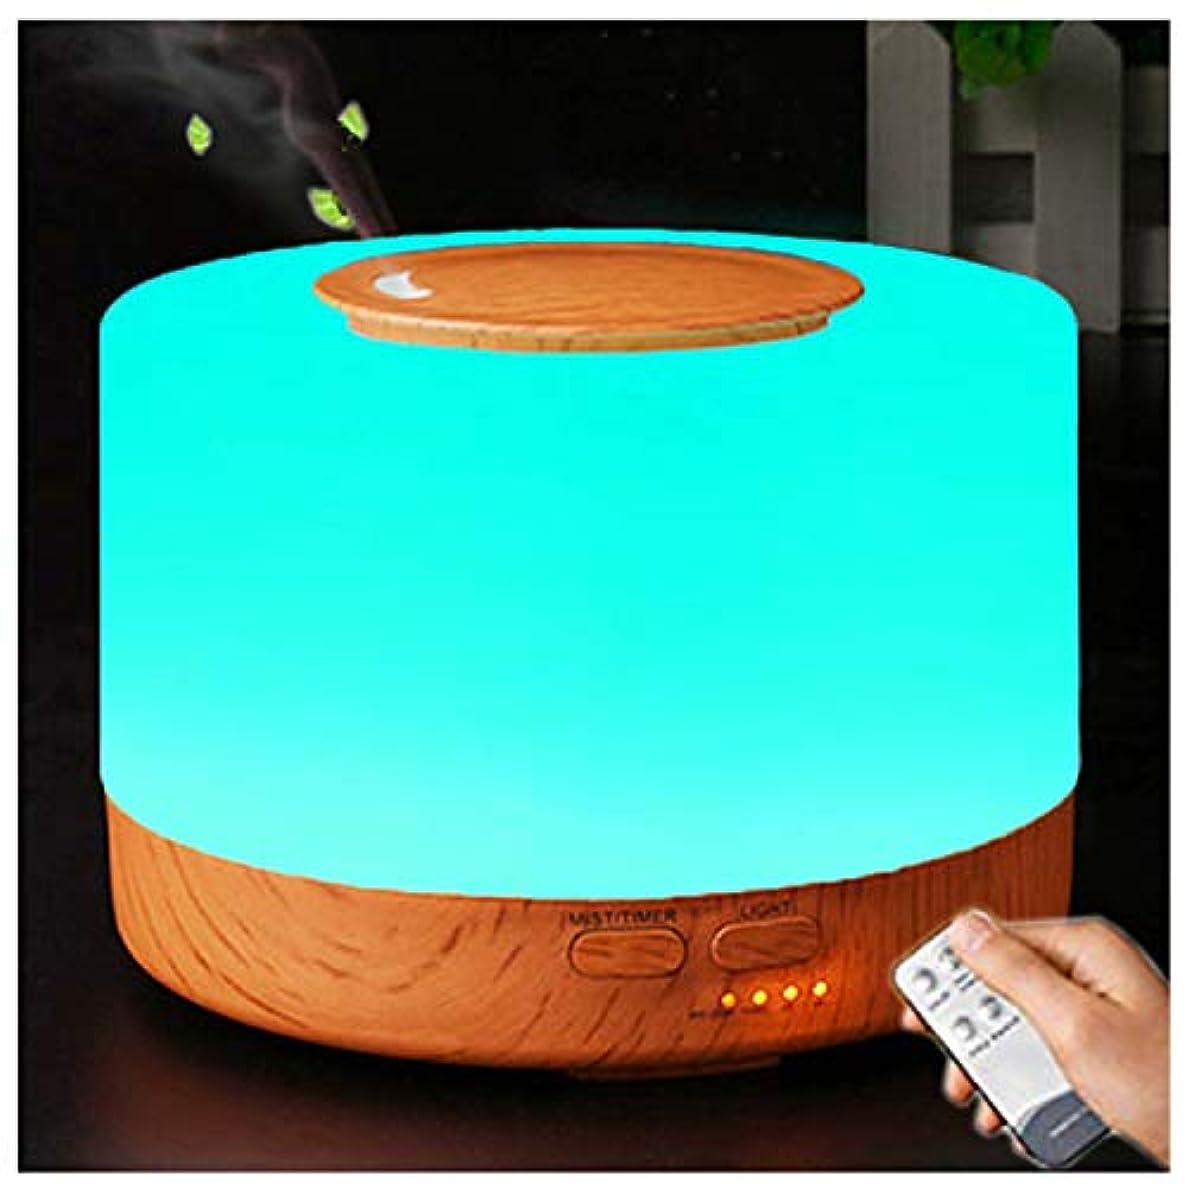 心配する評議会割り当てますアロマディフューザー 加湿器, 卓上 大容量 超音波加湿器, 500ML 保湿 時間設定 空焚き防止 7色変換LED搭載 (木目調)